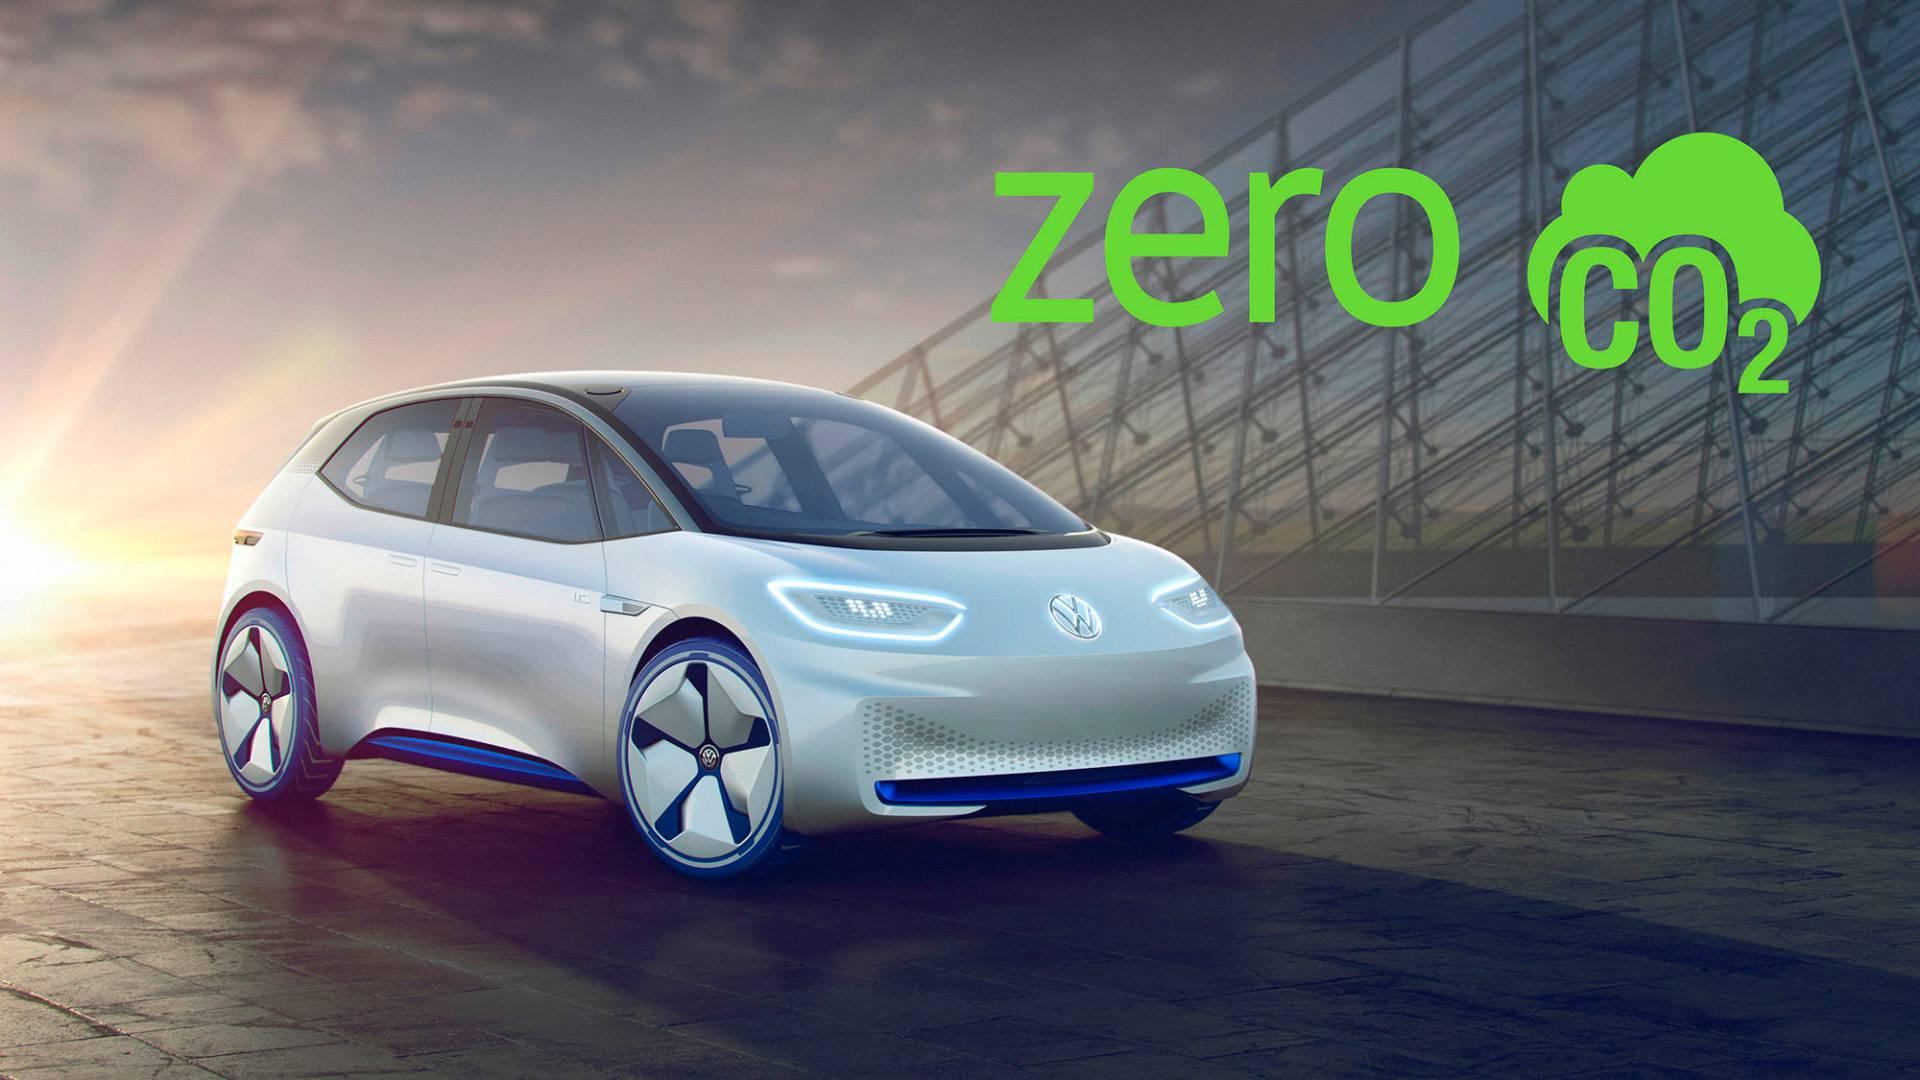 Amnistia Internacional diz que veículos elétricos envolvem exploração humana e poluição